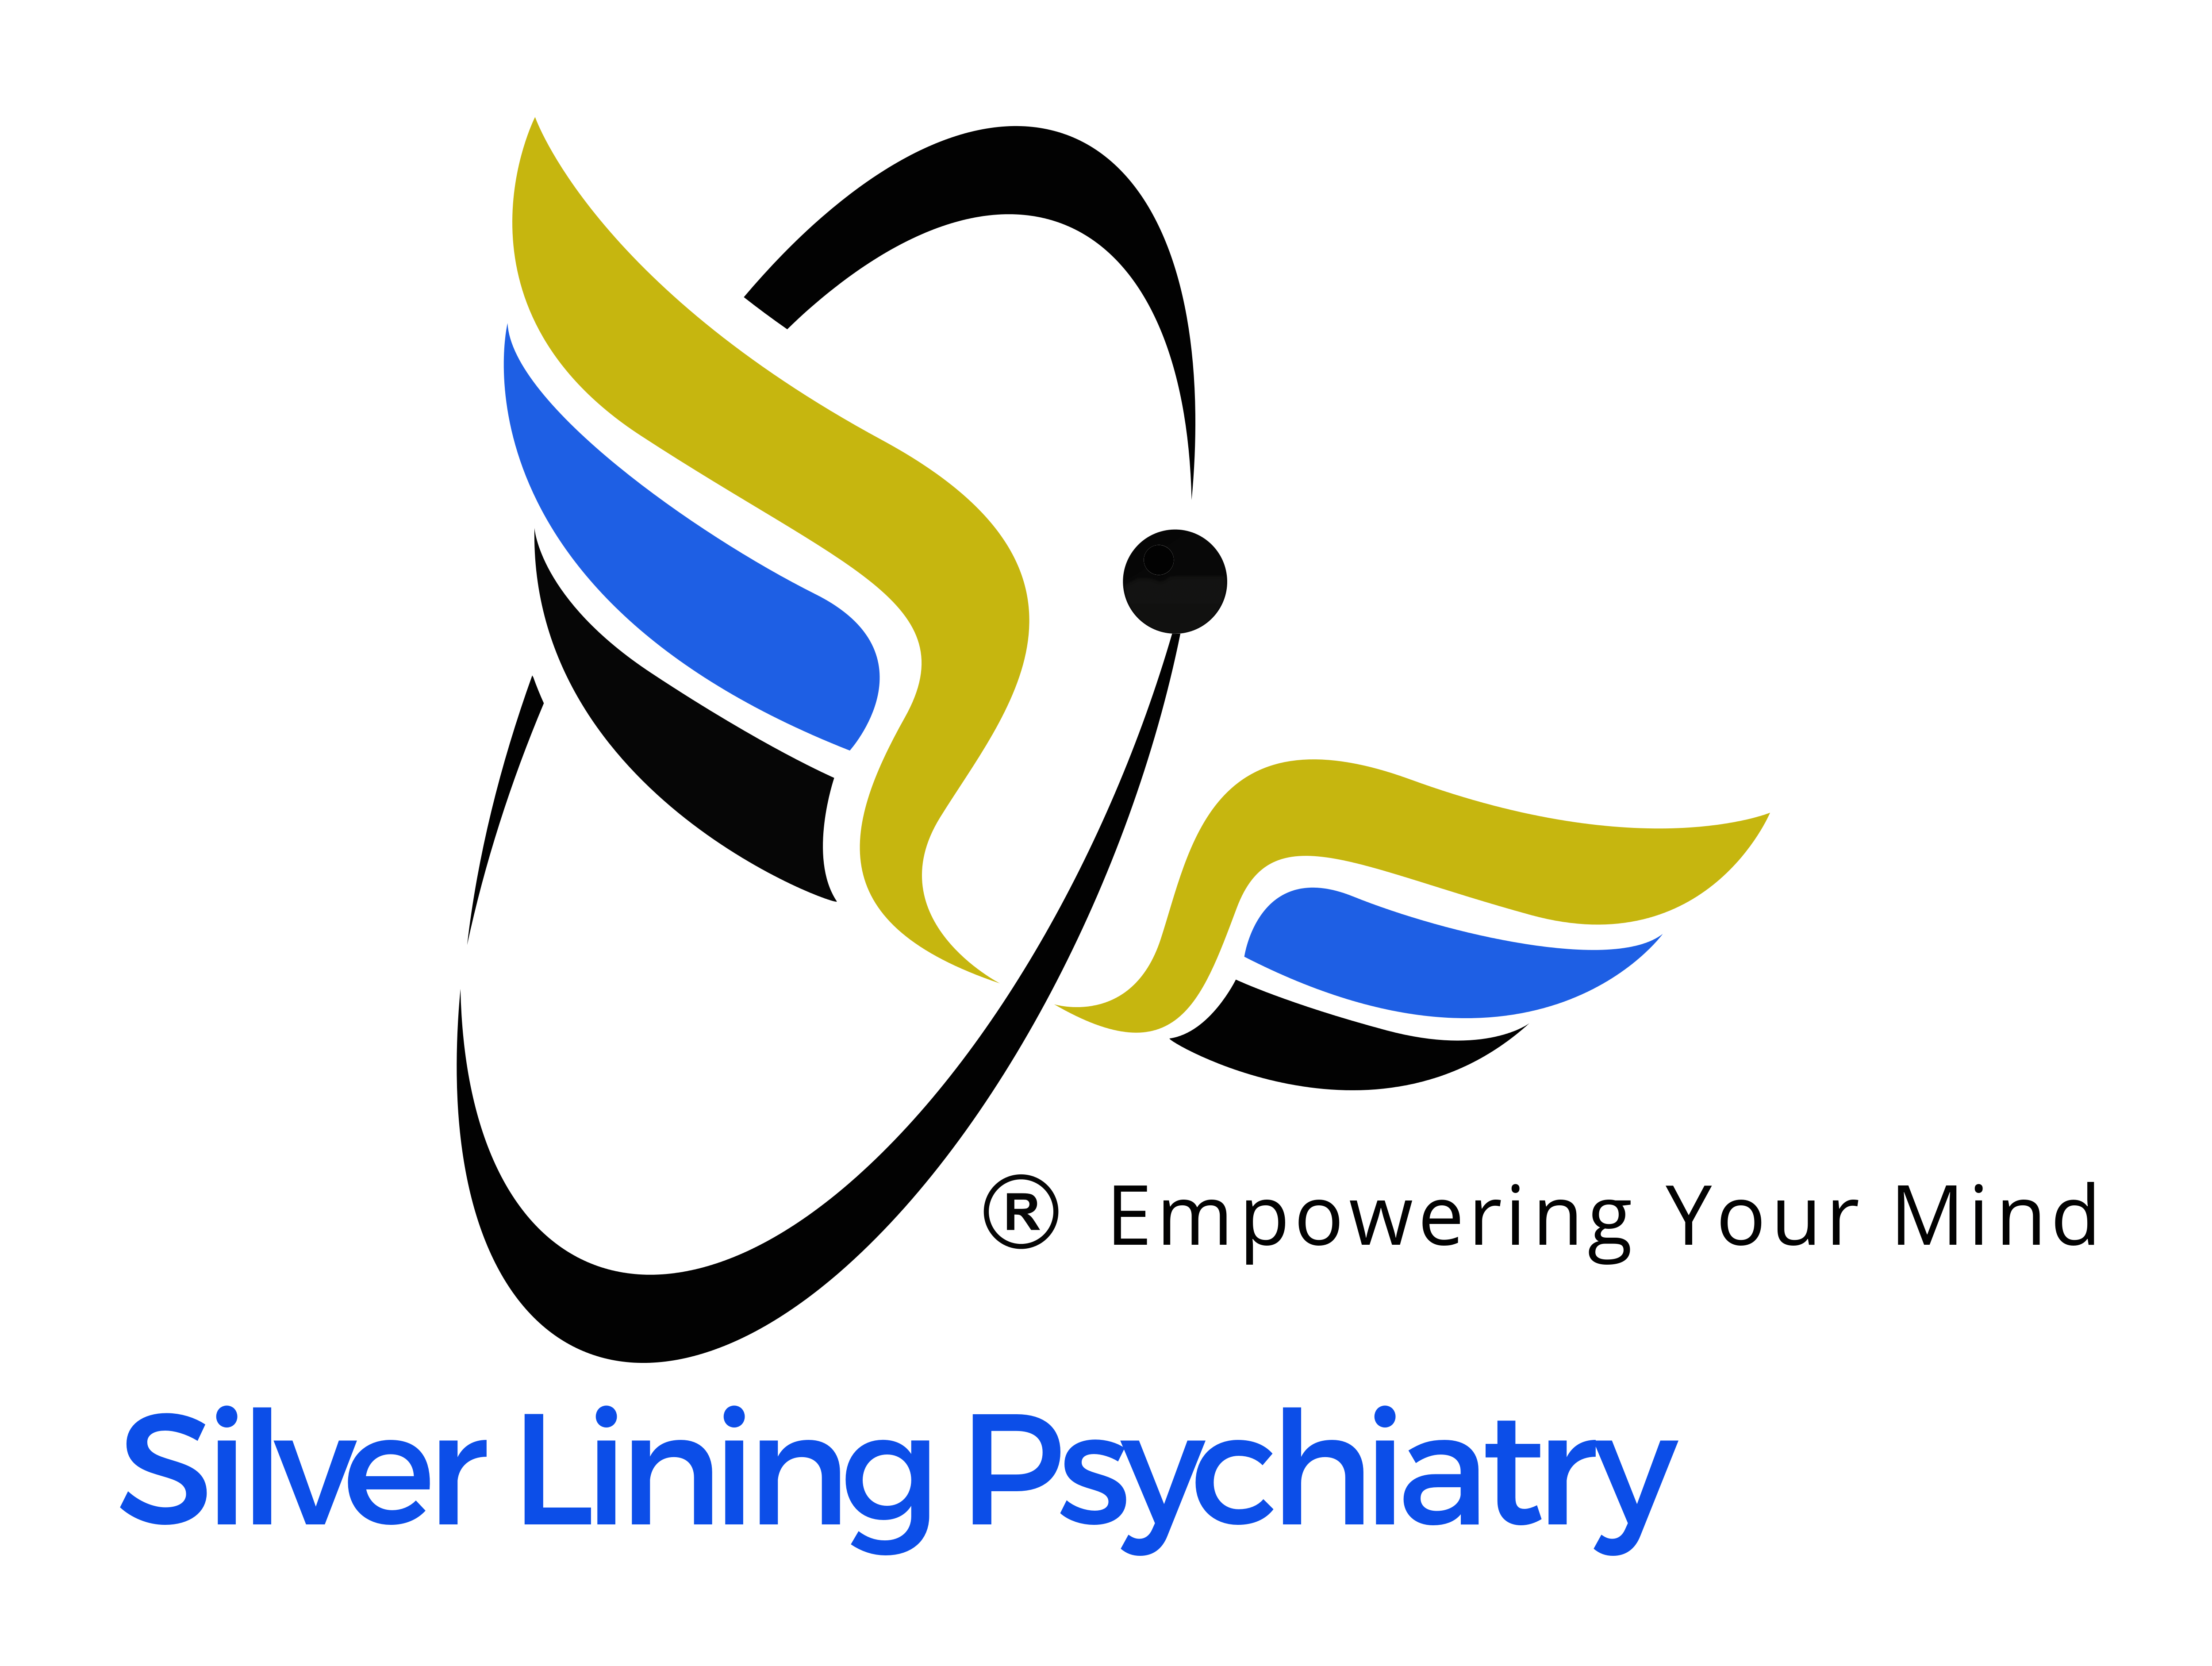 Psychology clipart psychiatry. Best psychiatrist orlando silver